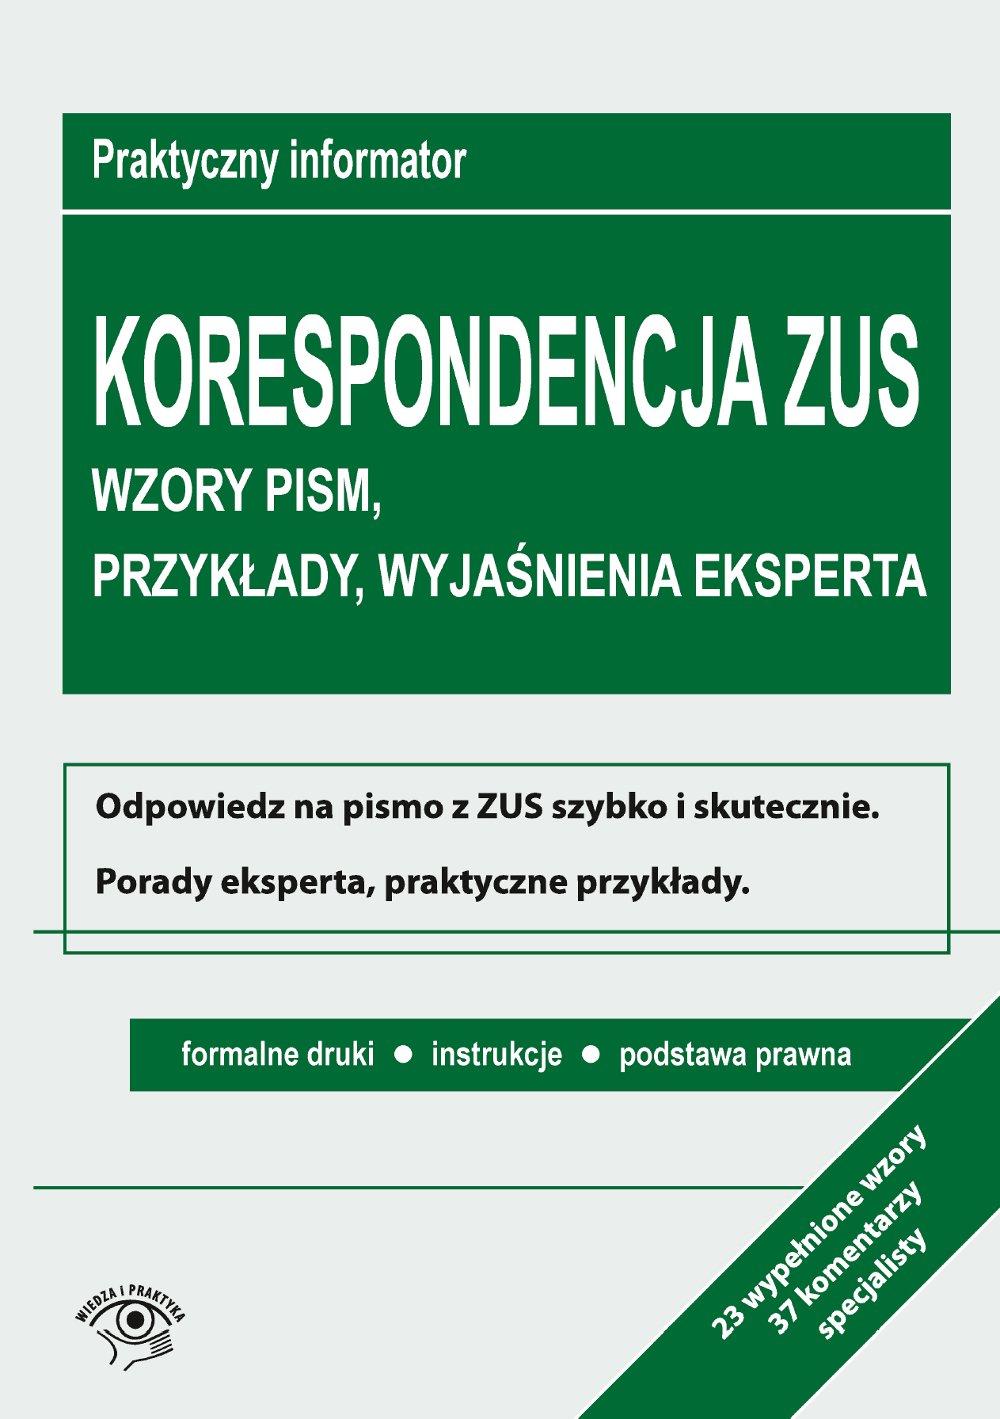 Korespondencja z ZUS. Wzory pism, przykłady, wyjaśnienia eksperta - Ebook (Książka EPUB) do pobrania w formacie EPUB